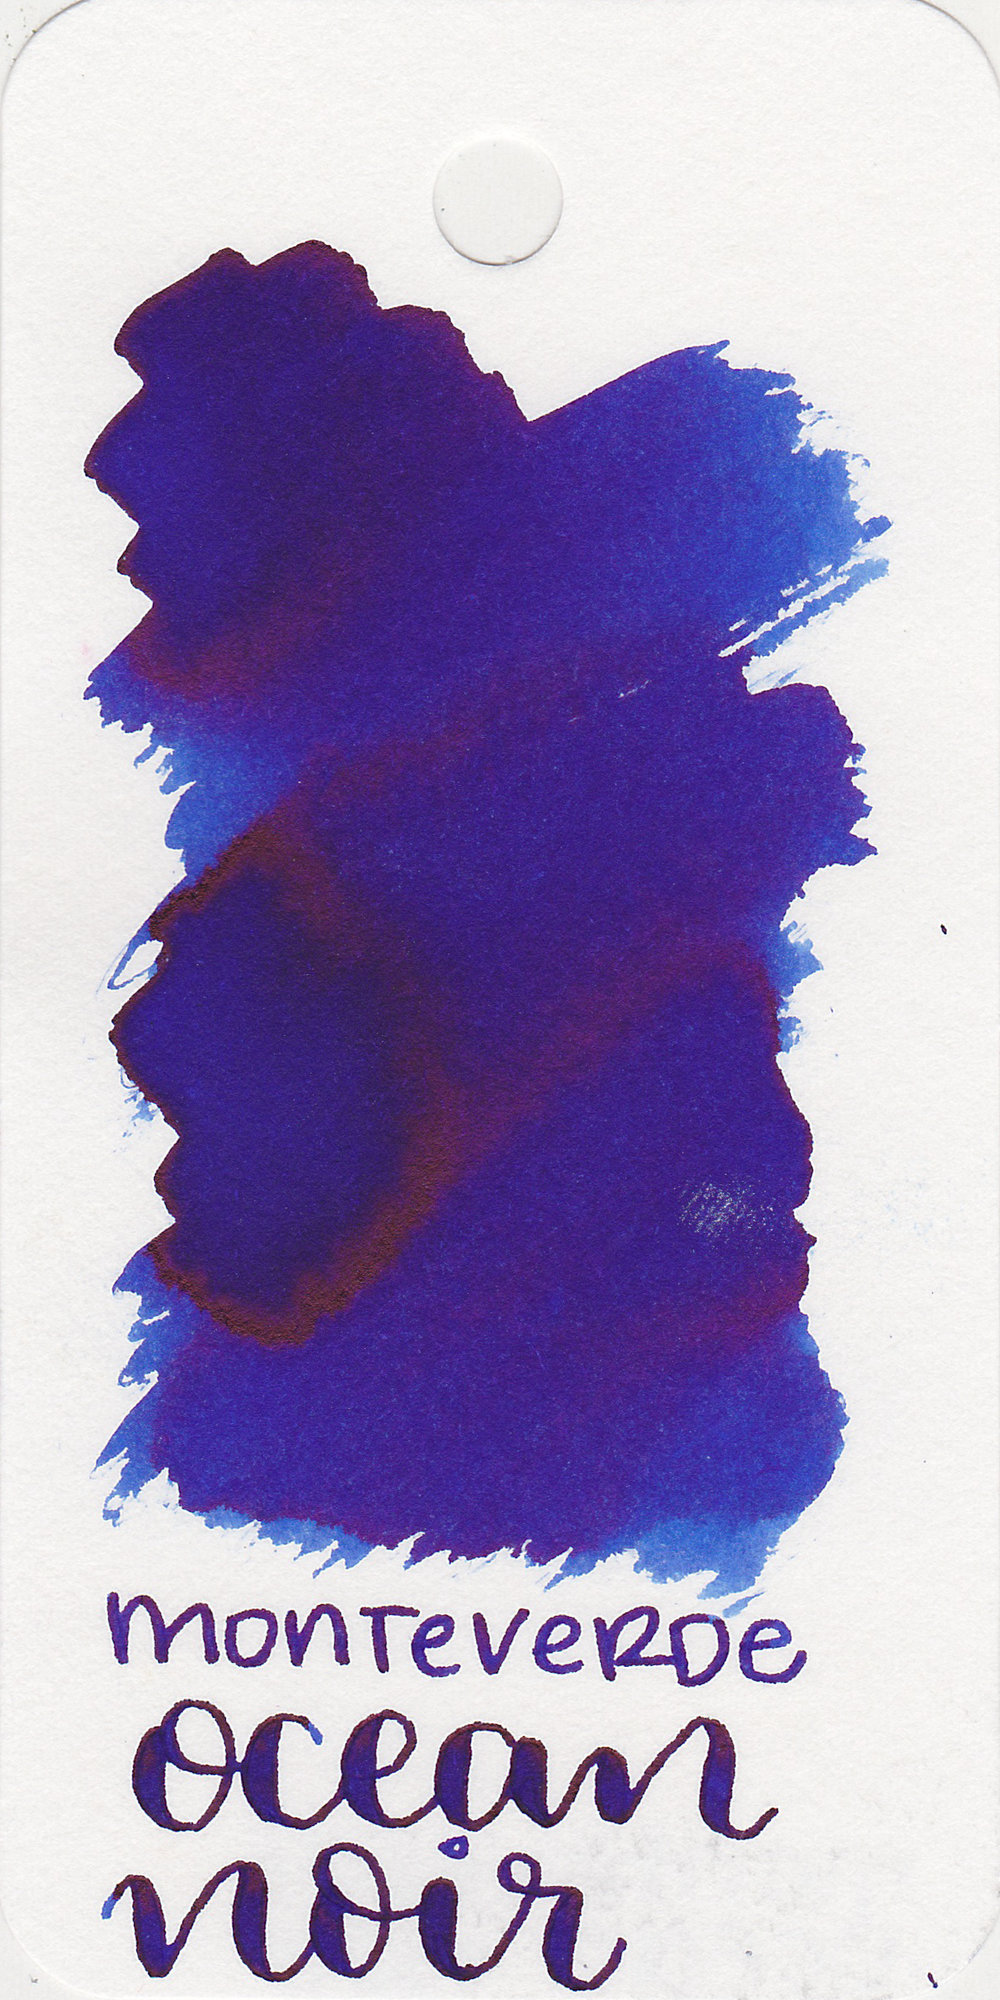 mv-ocean-noir-1.jpg